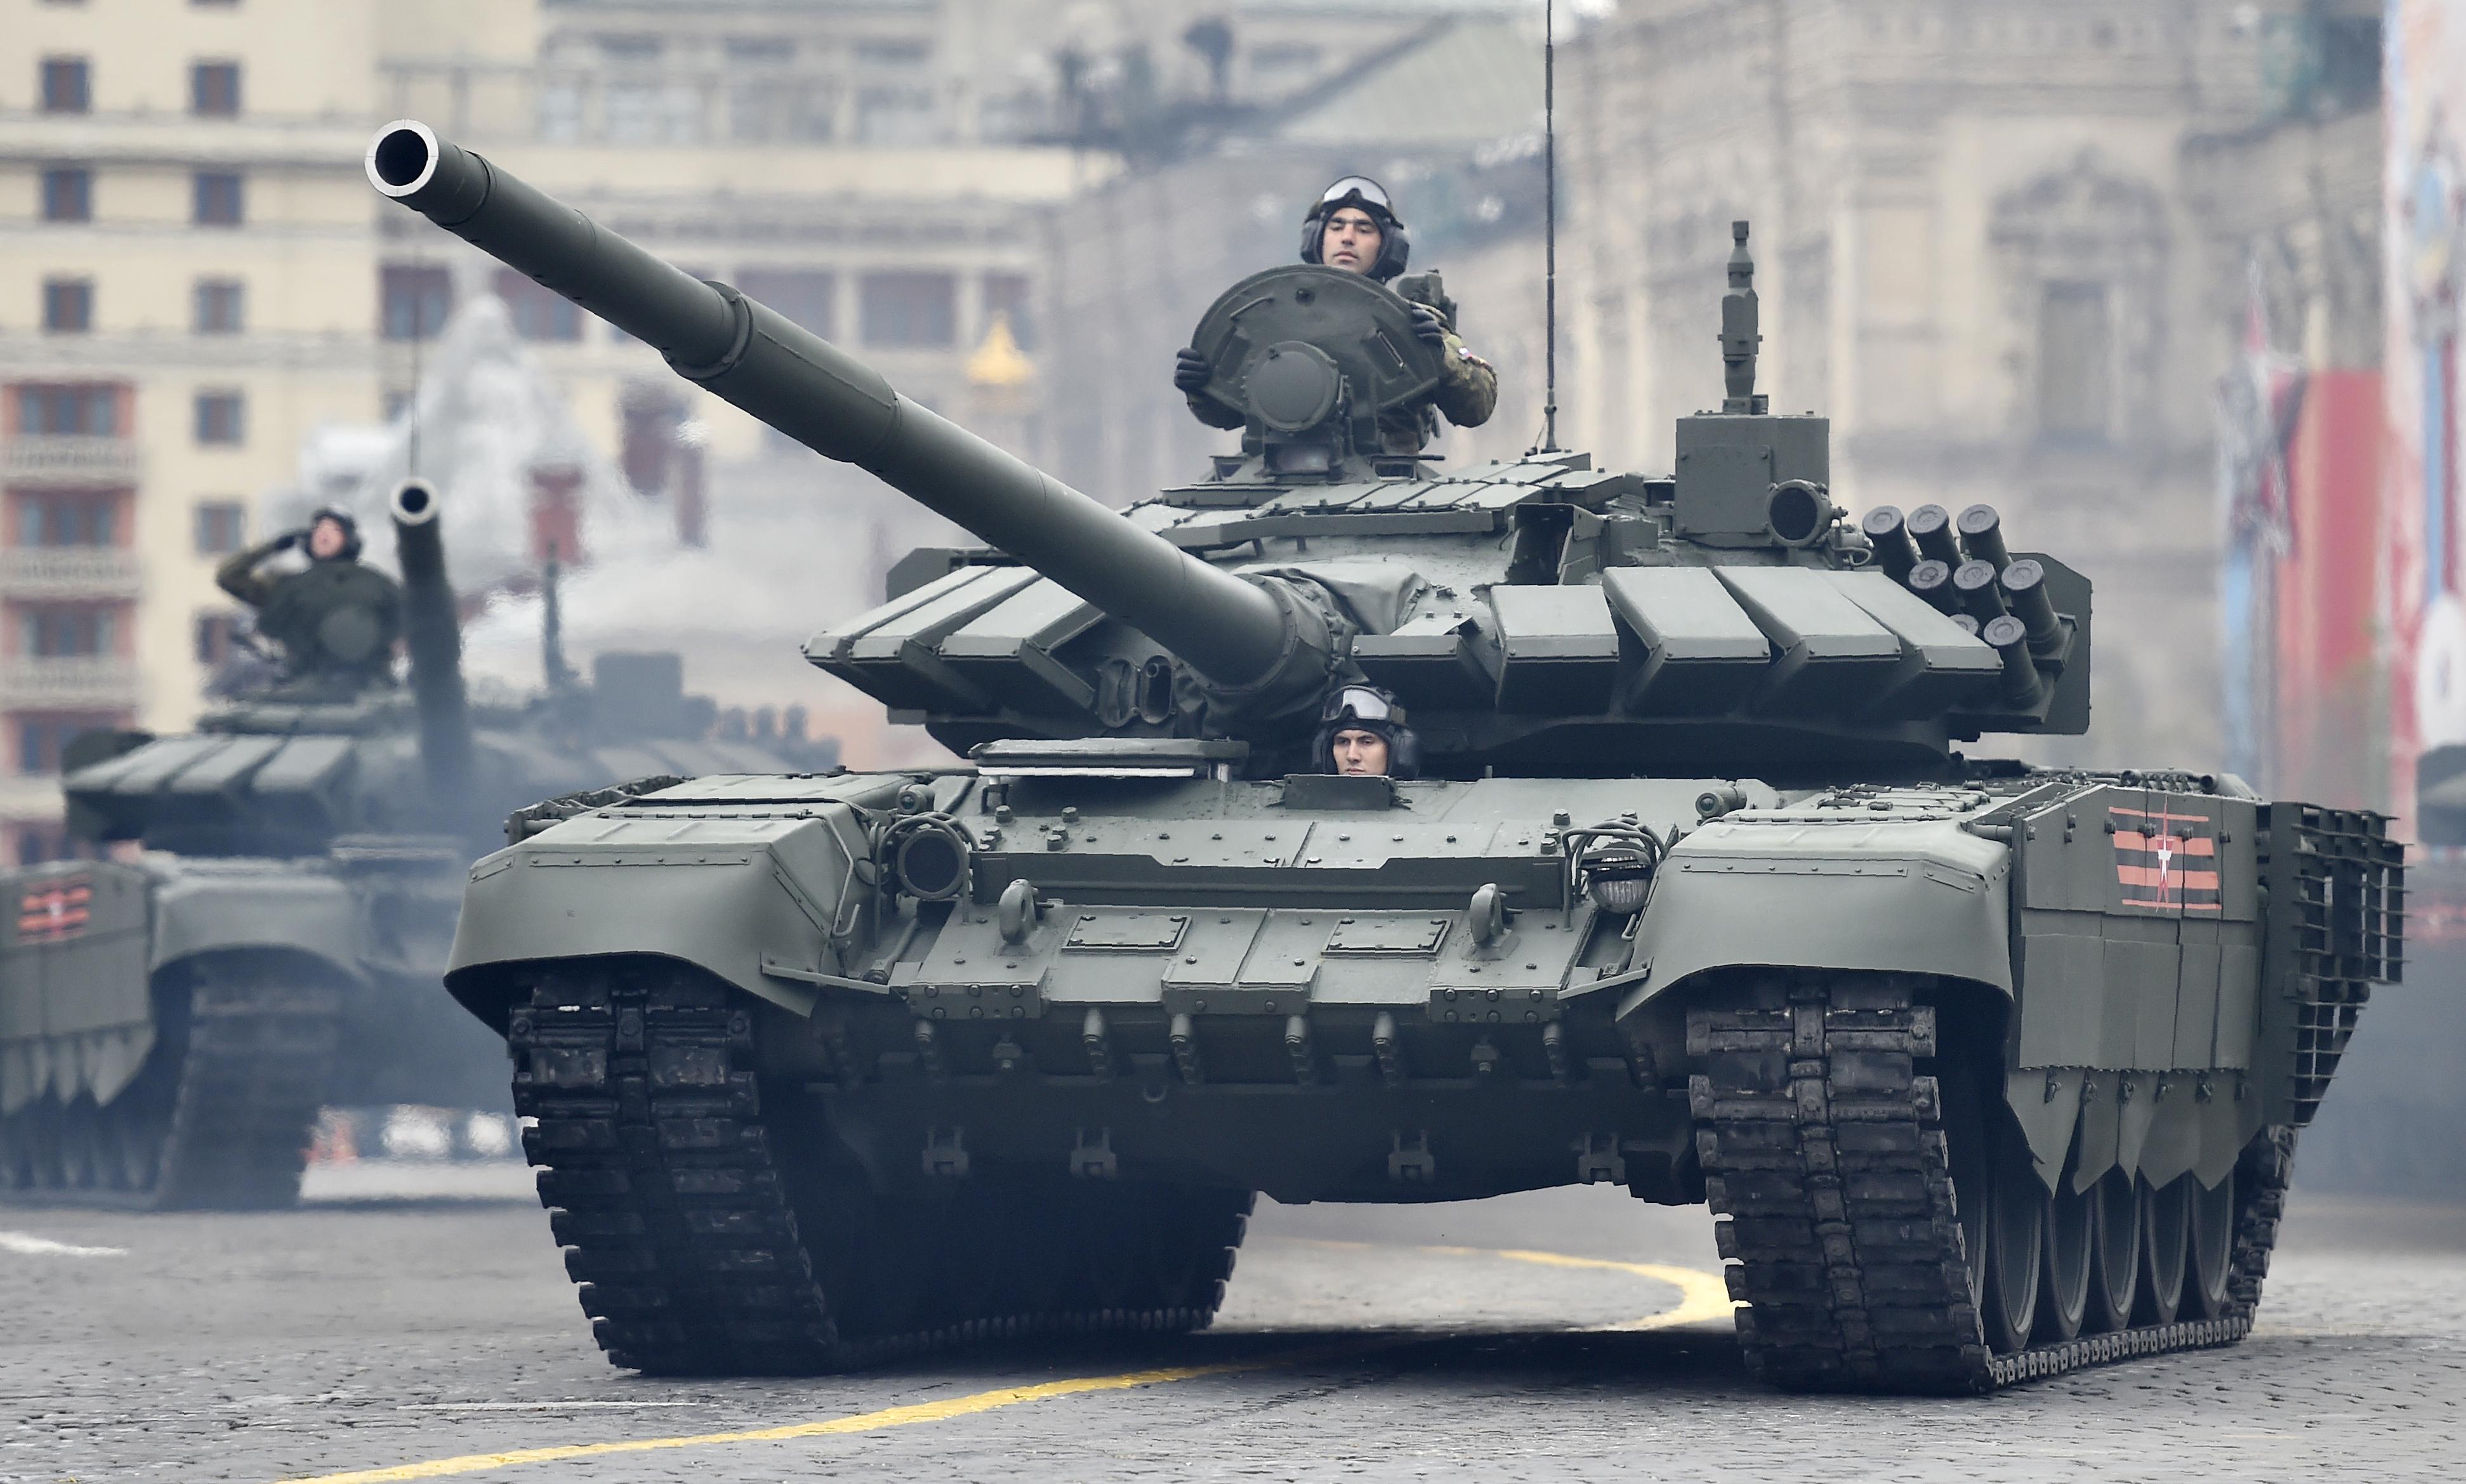 Más allá de la tecnología de punta del Armata, la columna vertebral de las divisiones blindadas rusas sigue siendo el T-90 modernizado (Reuters)